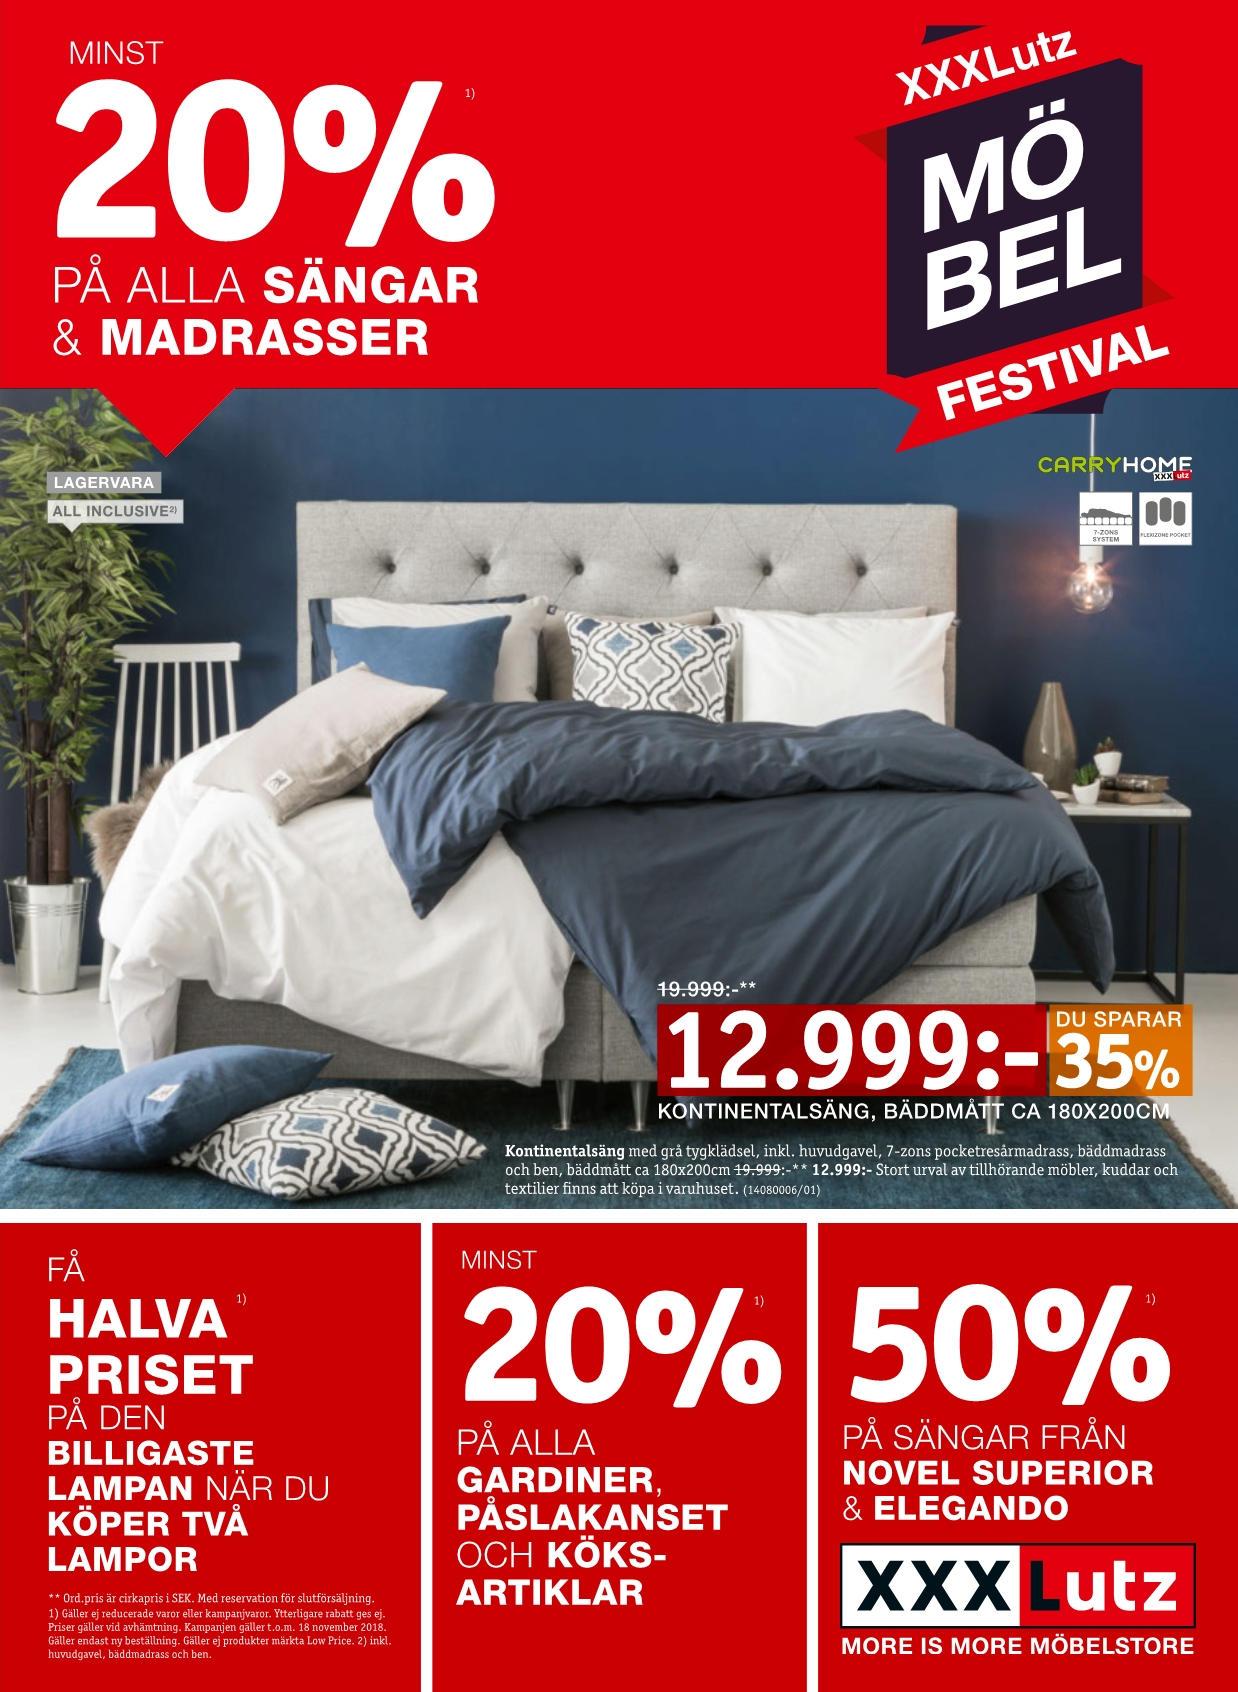 Minst 20% på alla sängar & madrasser